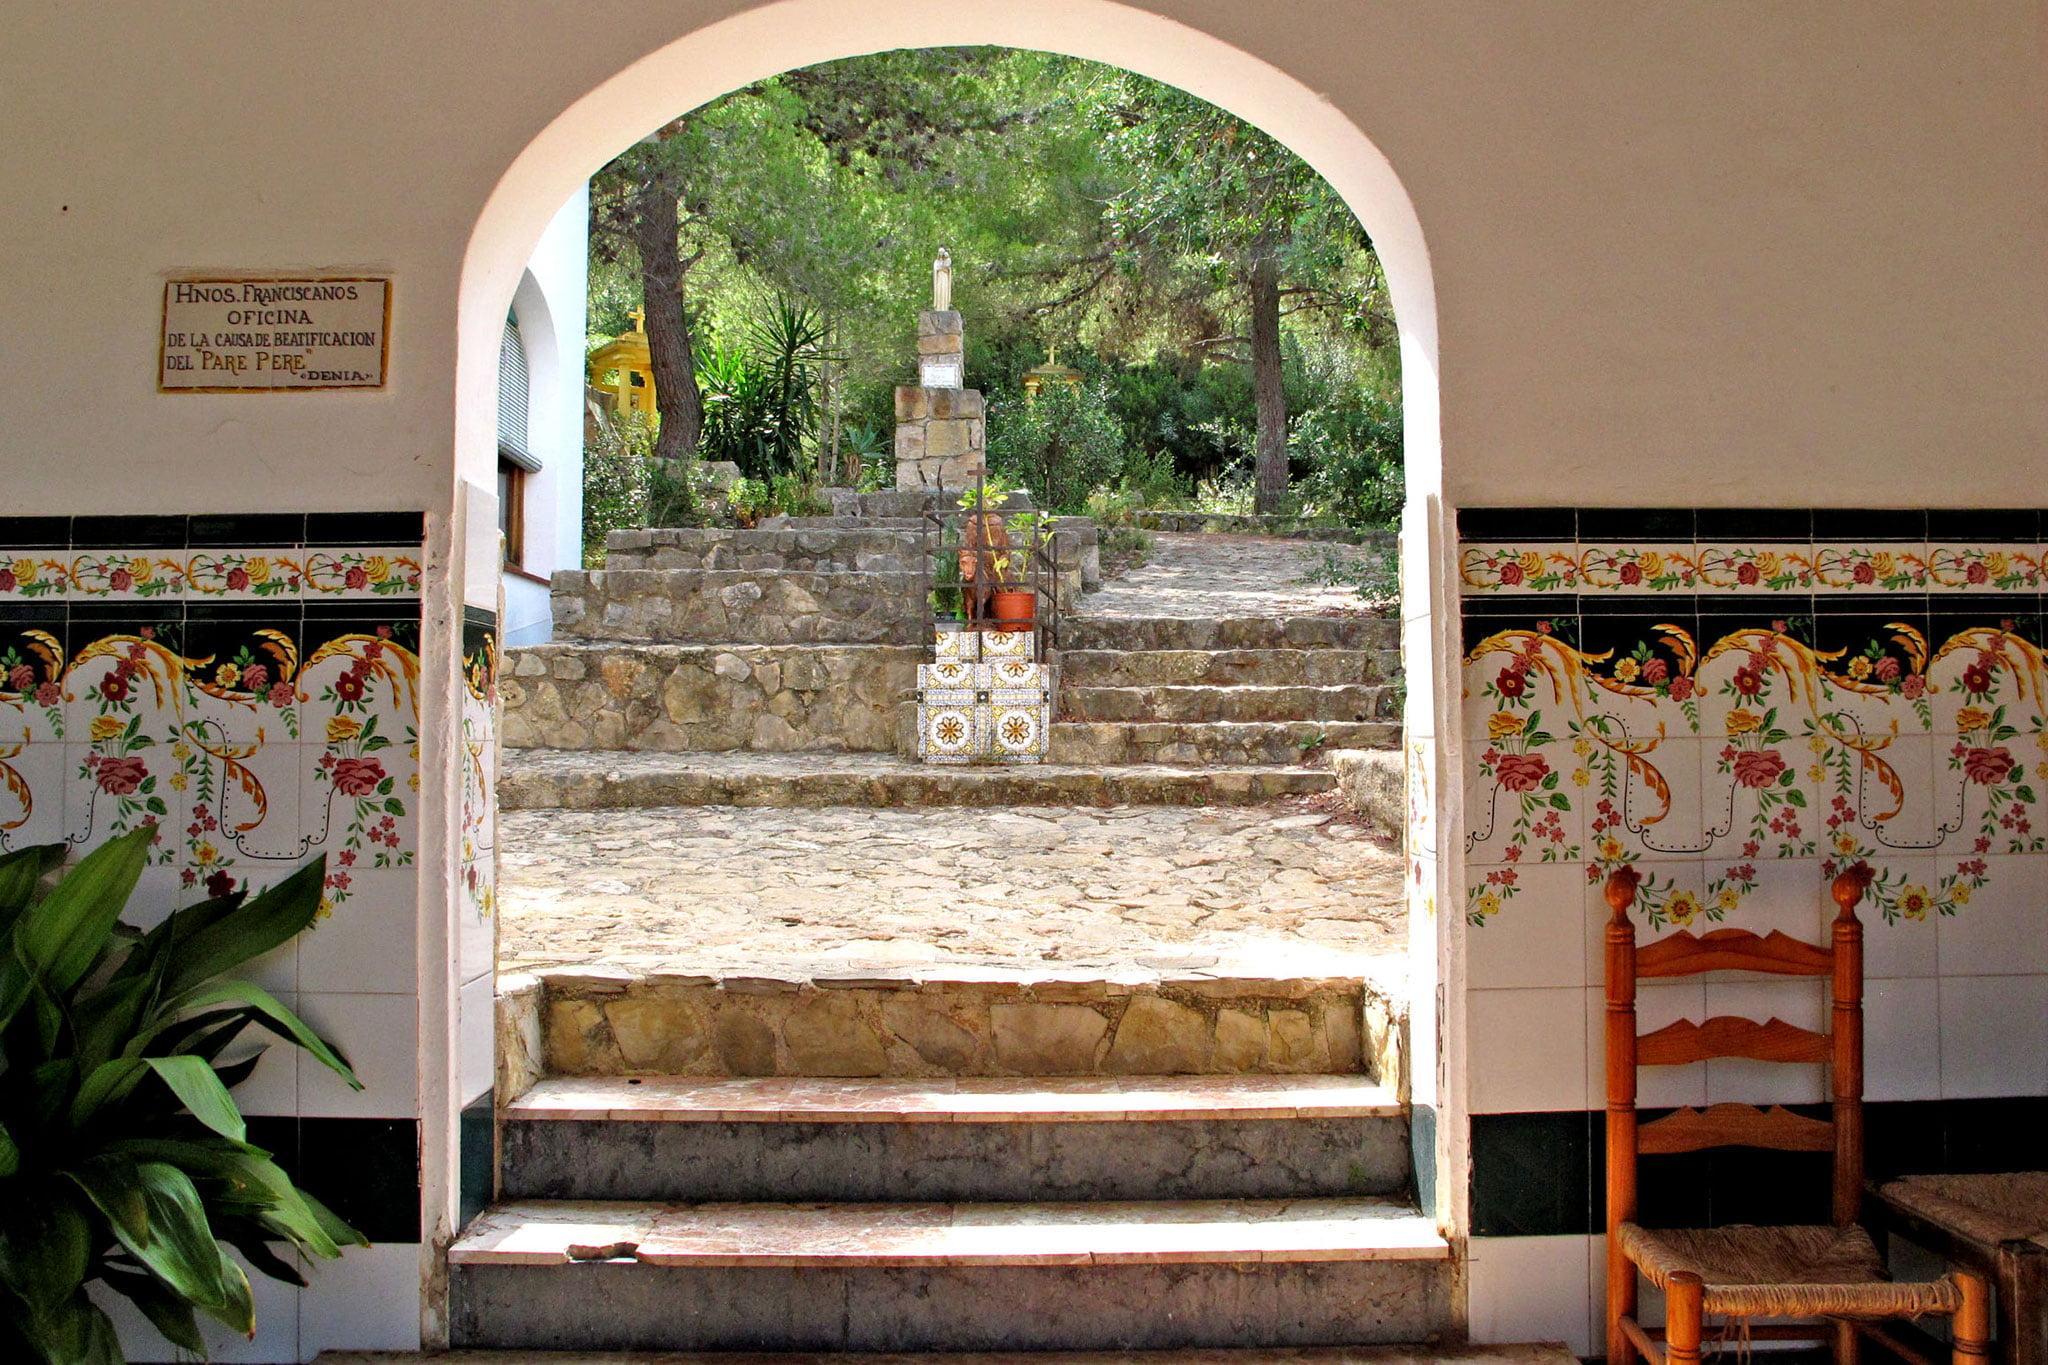 Arco en la Ermita del Pare Pere de Dénia